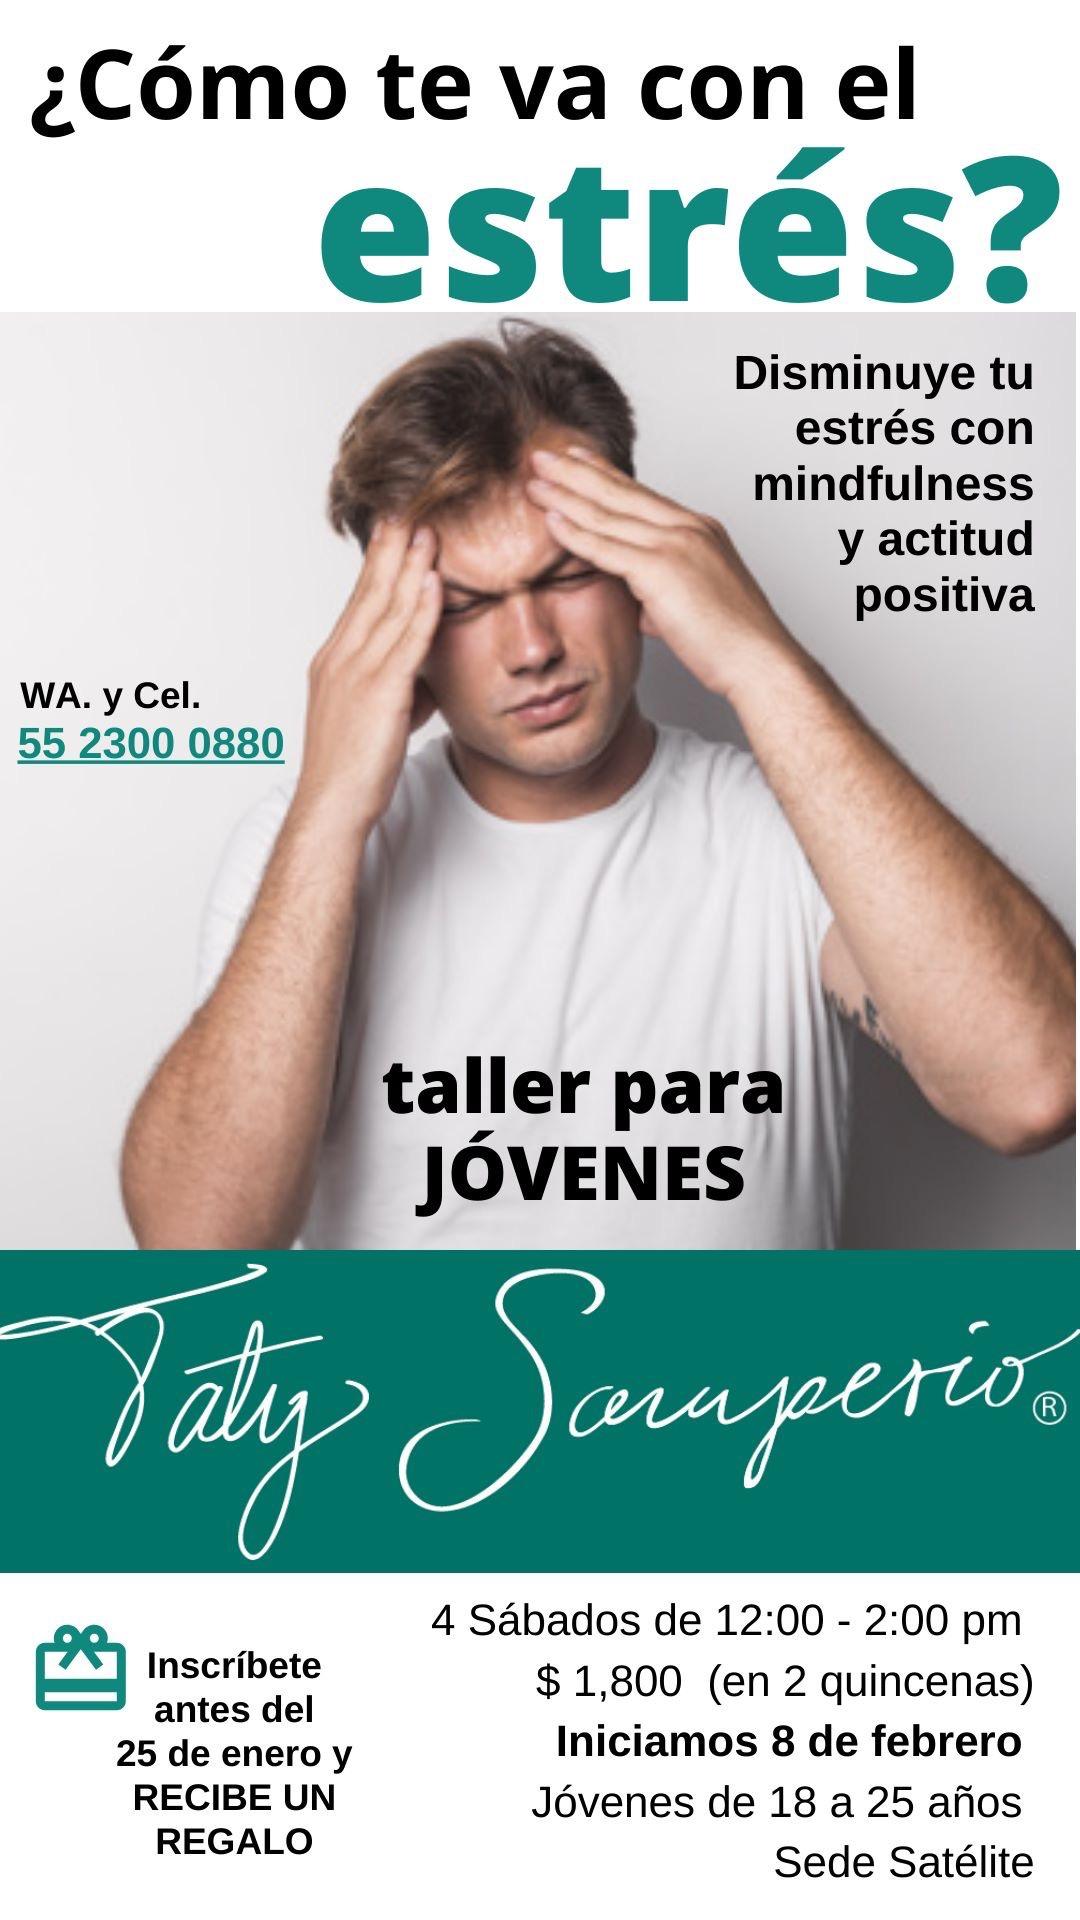 TALLER DE MINDFULNESS Y ACTITUD POSITIVA